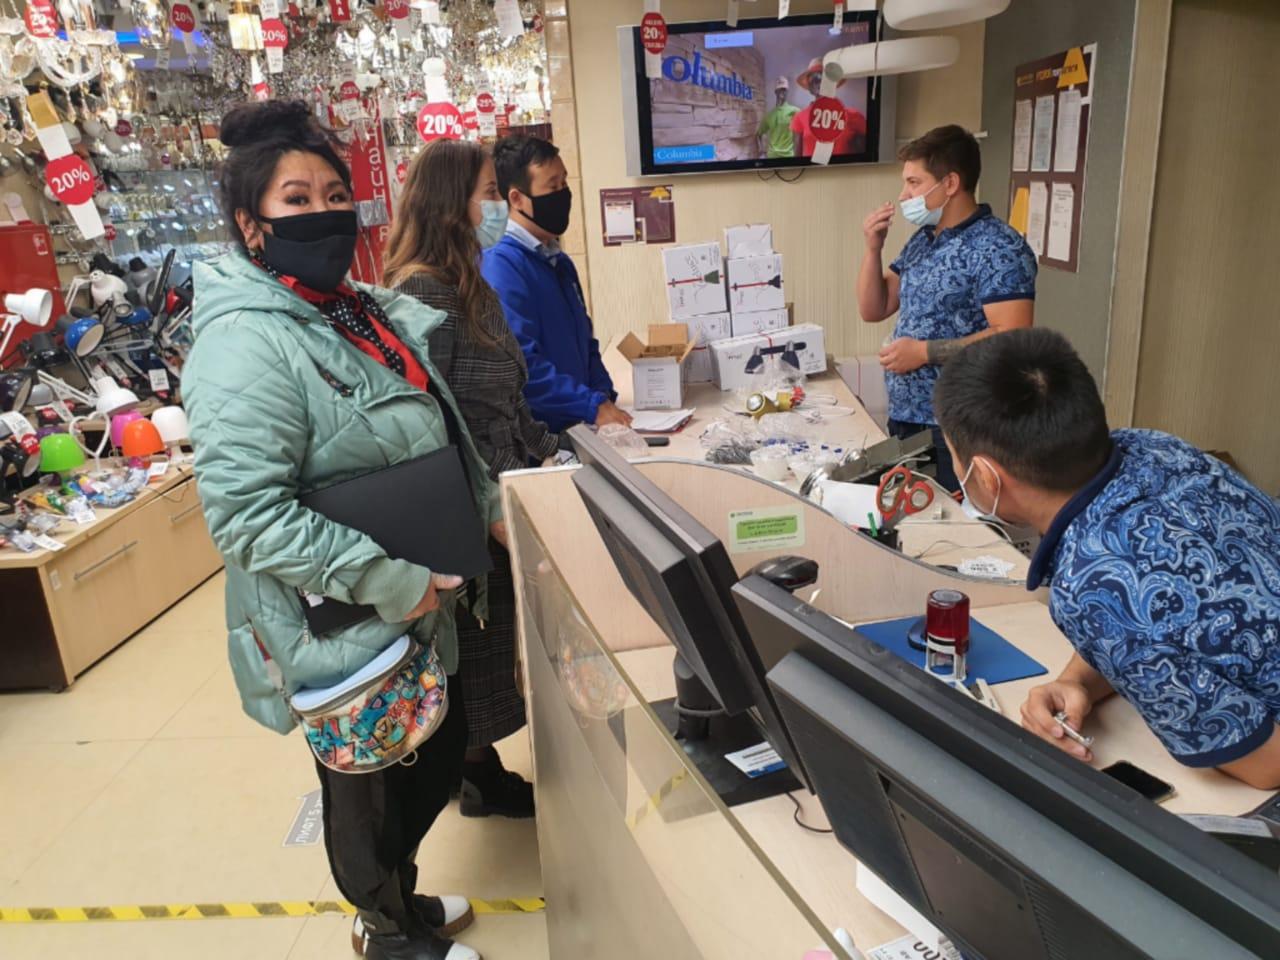 В Якутске усилены контрольные мероприятия по соблюдению санитарно-противоэпидемических правил